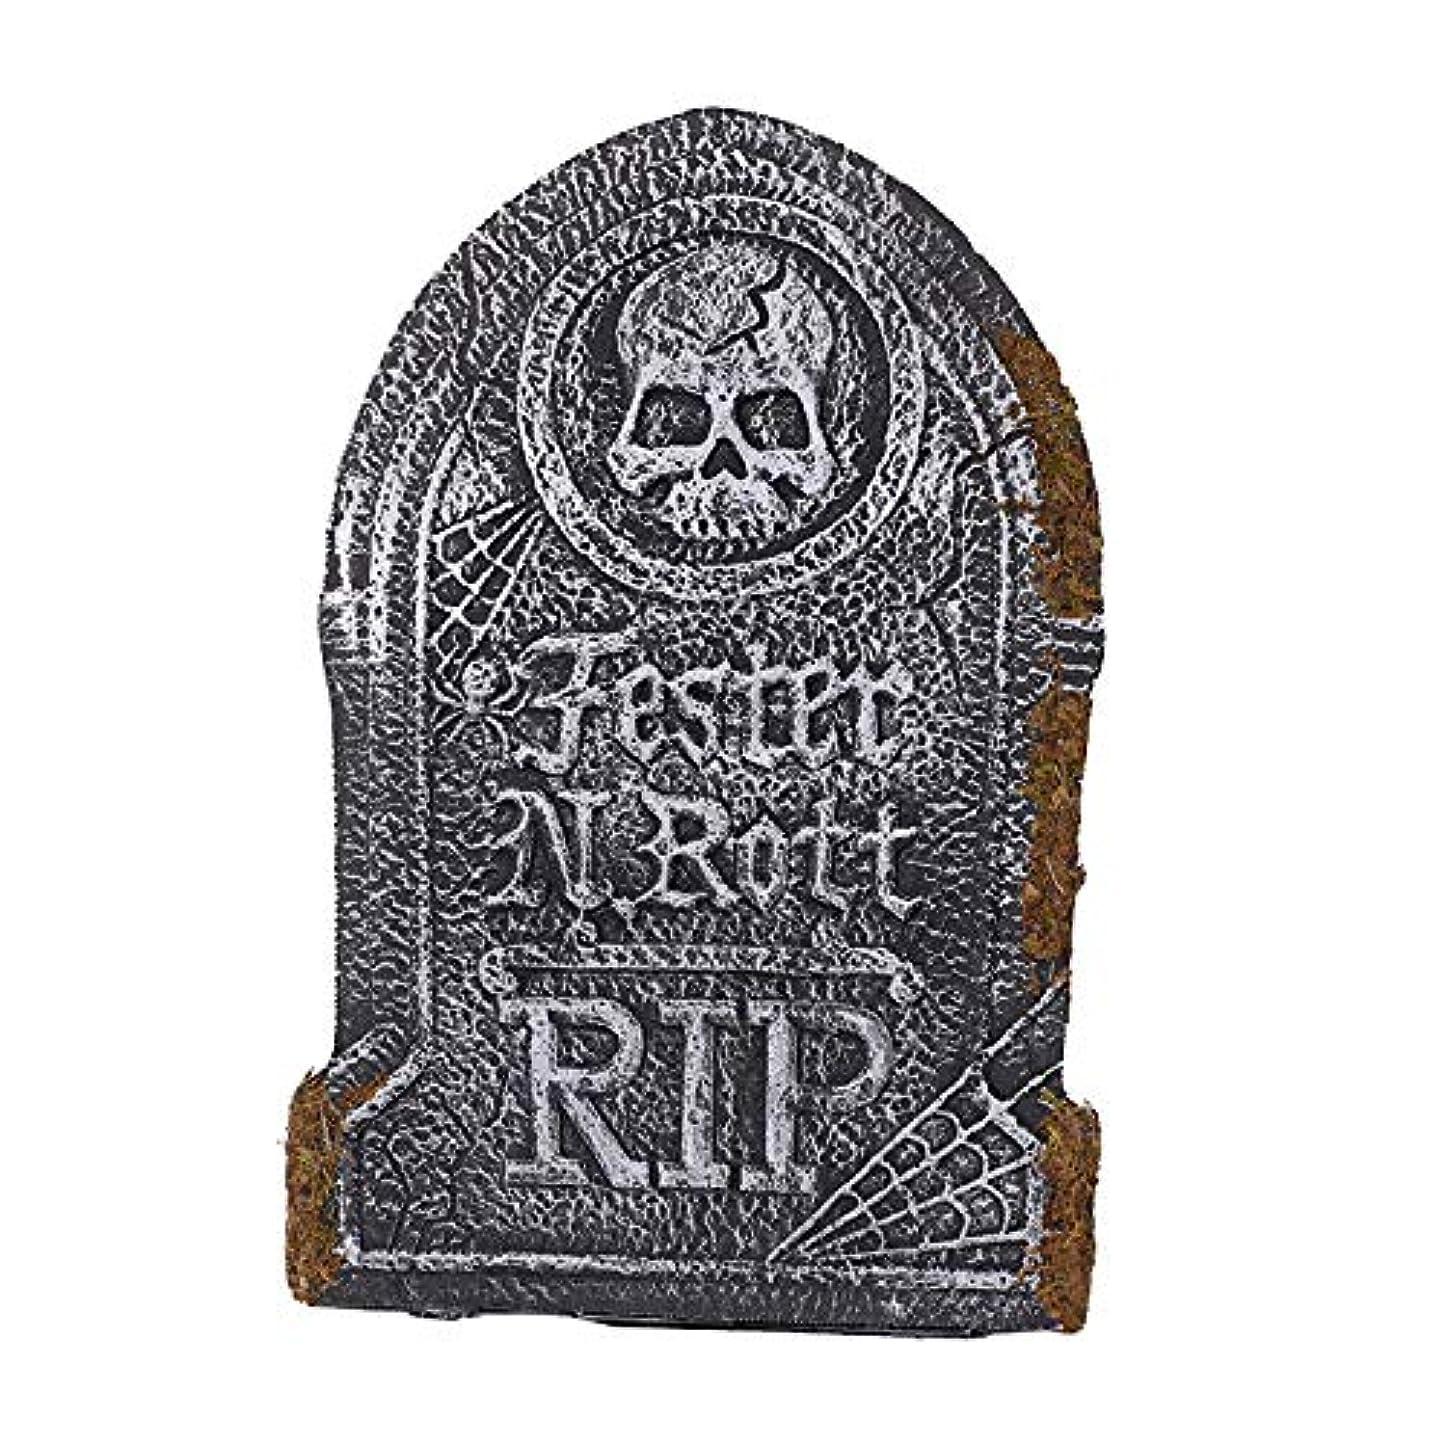 カーペット素晴らしき肥沃なETRRUU HOME 三次元墓石ハロウィーン怖いトリッキーな装飾バーKTホラー雰囲気の装飾写真の小道具